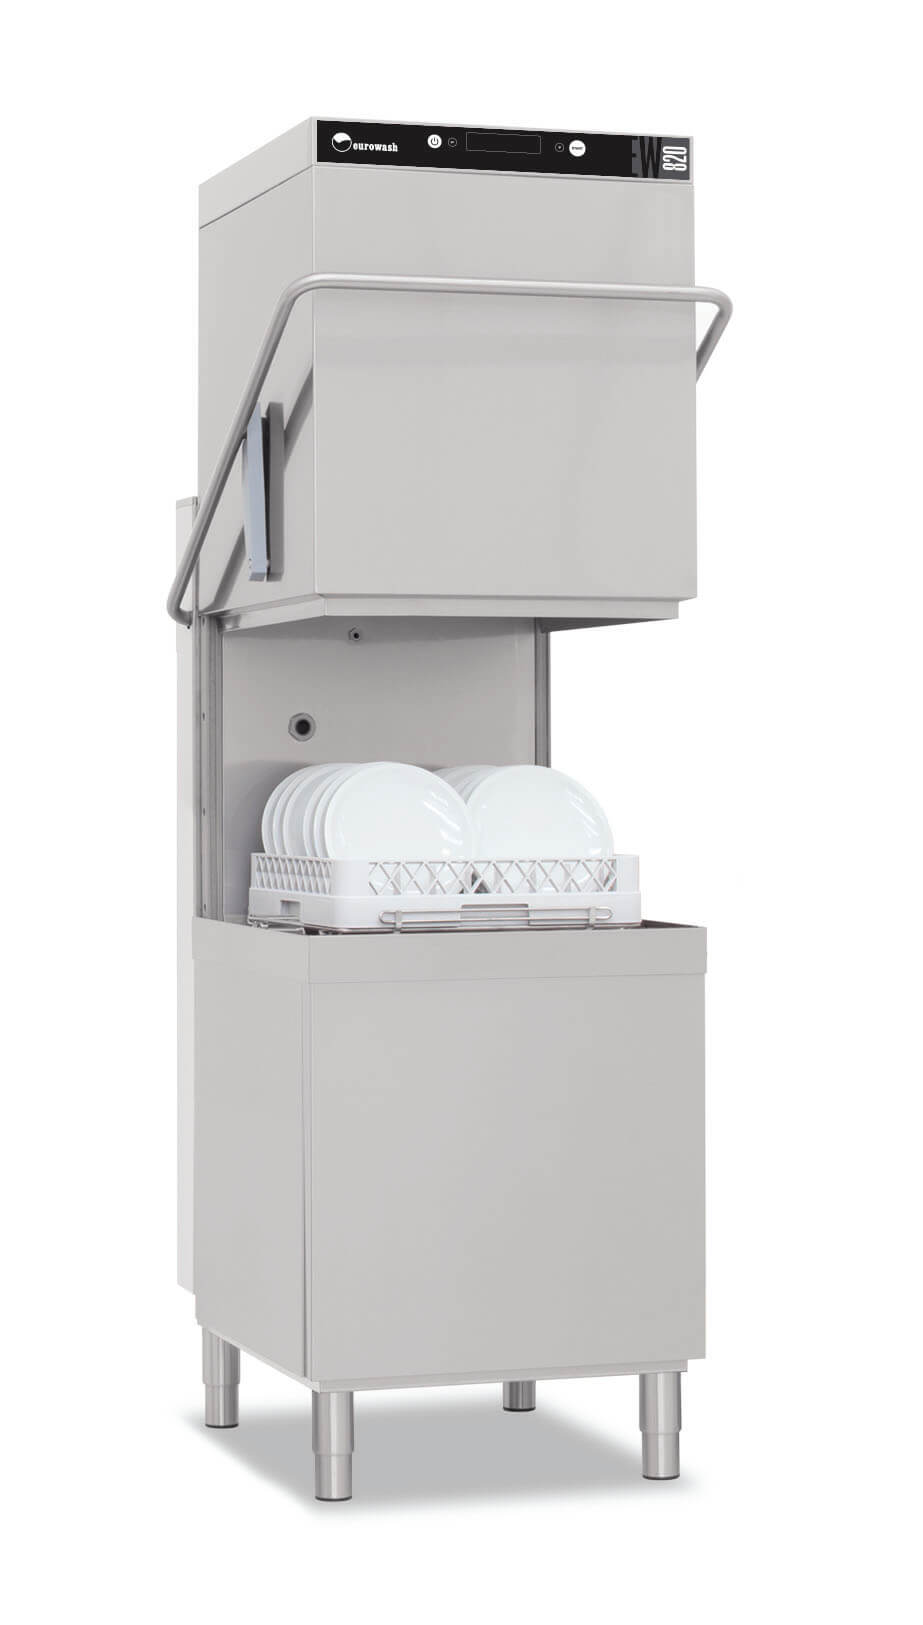 passthrough dishwasher